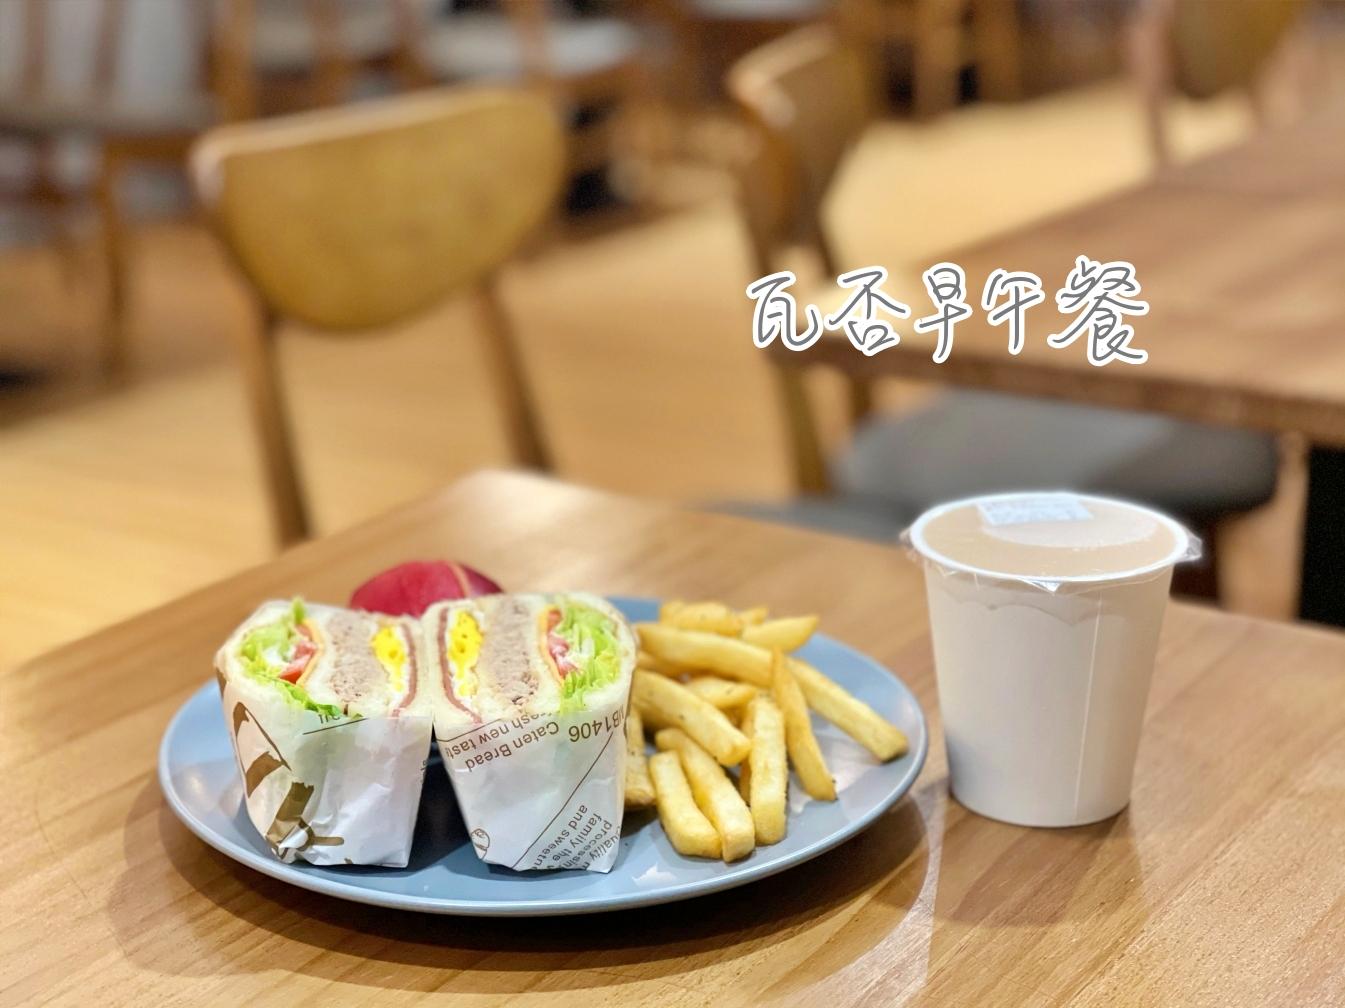 [桃園美食]瓦否早午餐|龜山工業區附近新開早午餐~營業時間長.西式餐點 @VIVIYU小世界